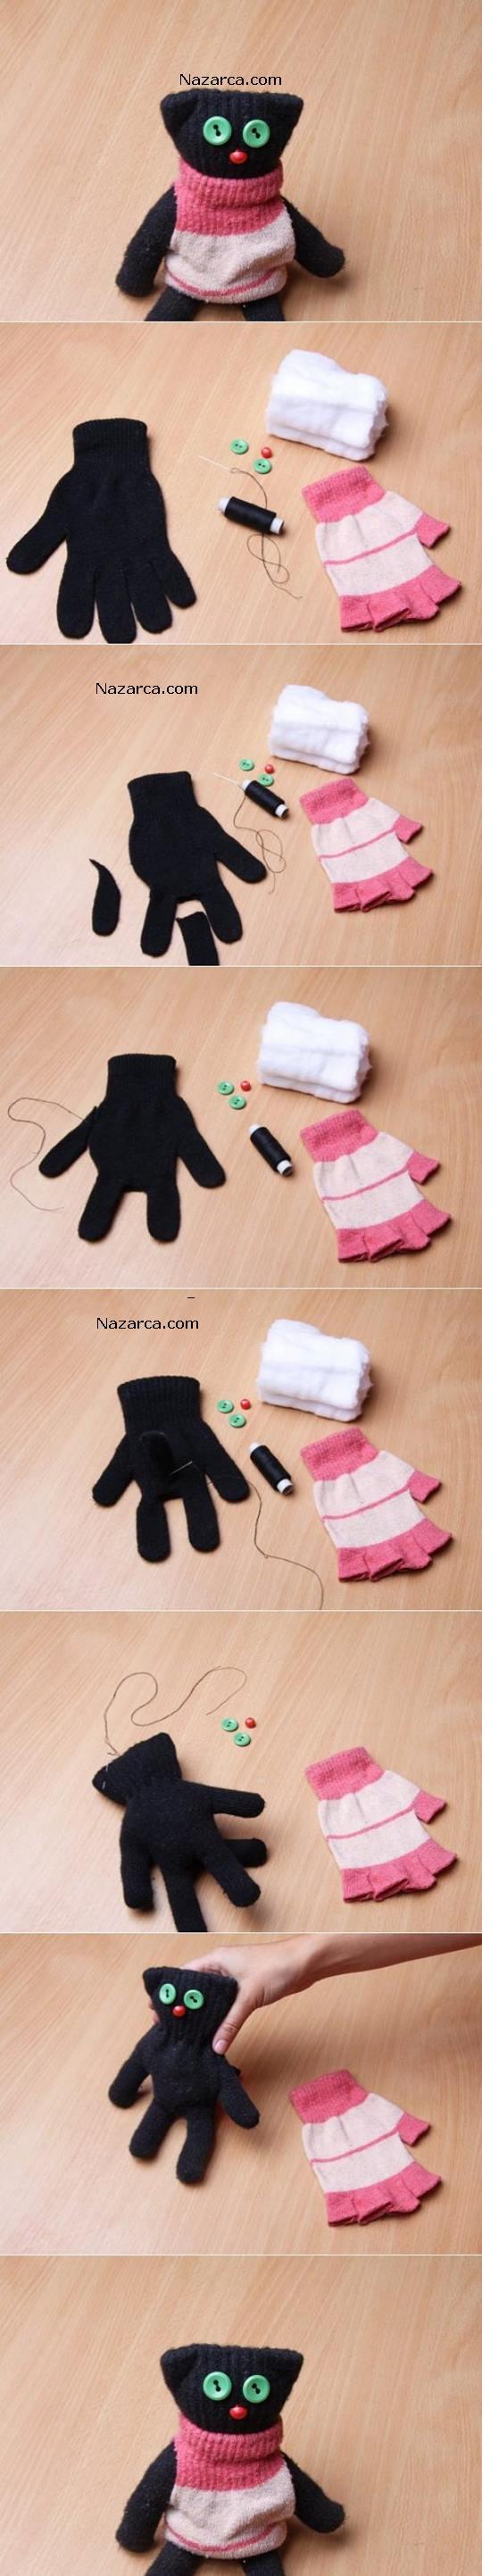 eldivenle-kolay-ve-komik-oyuncak-yapimi